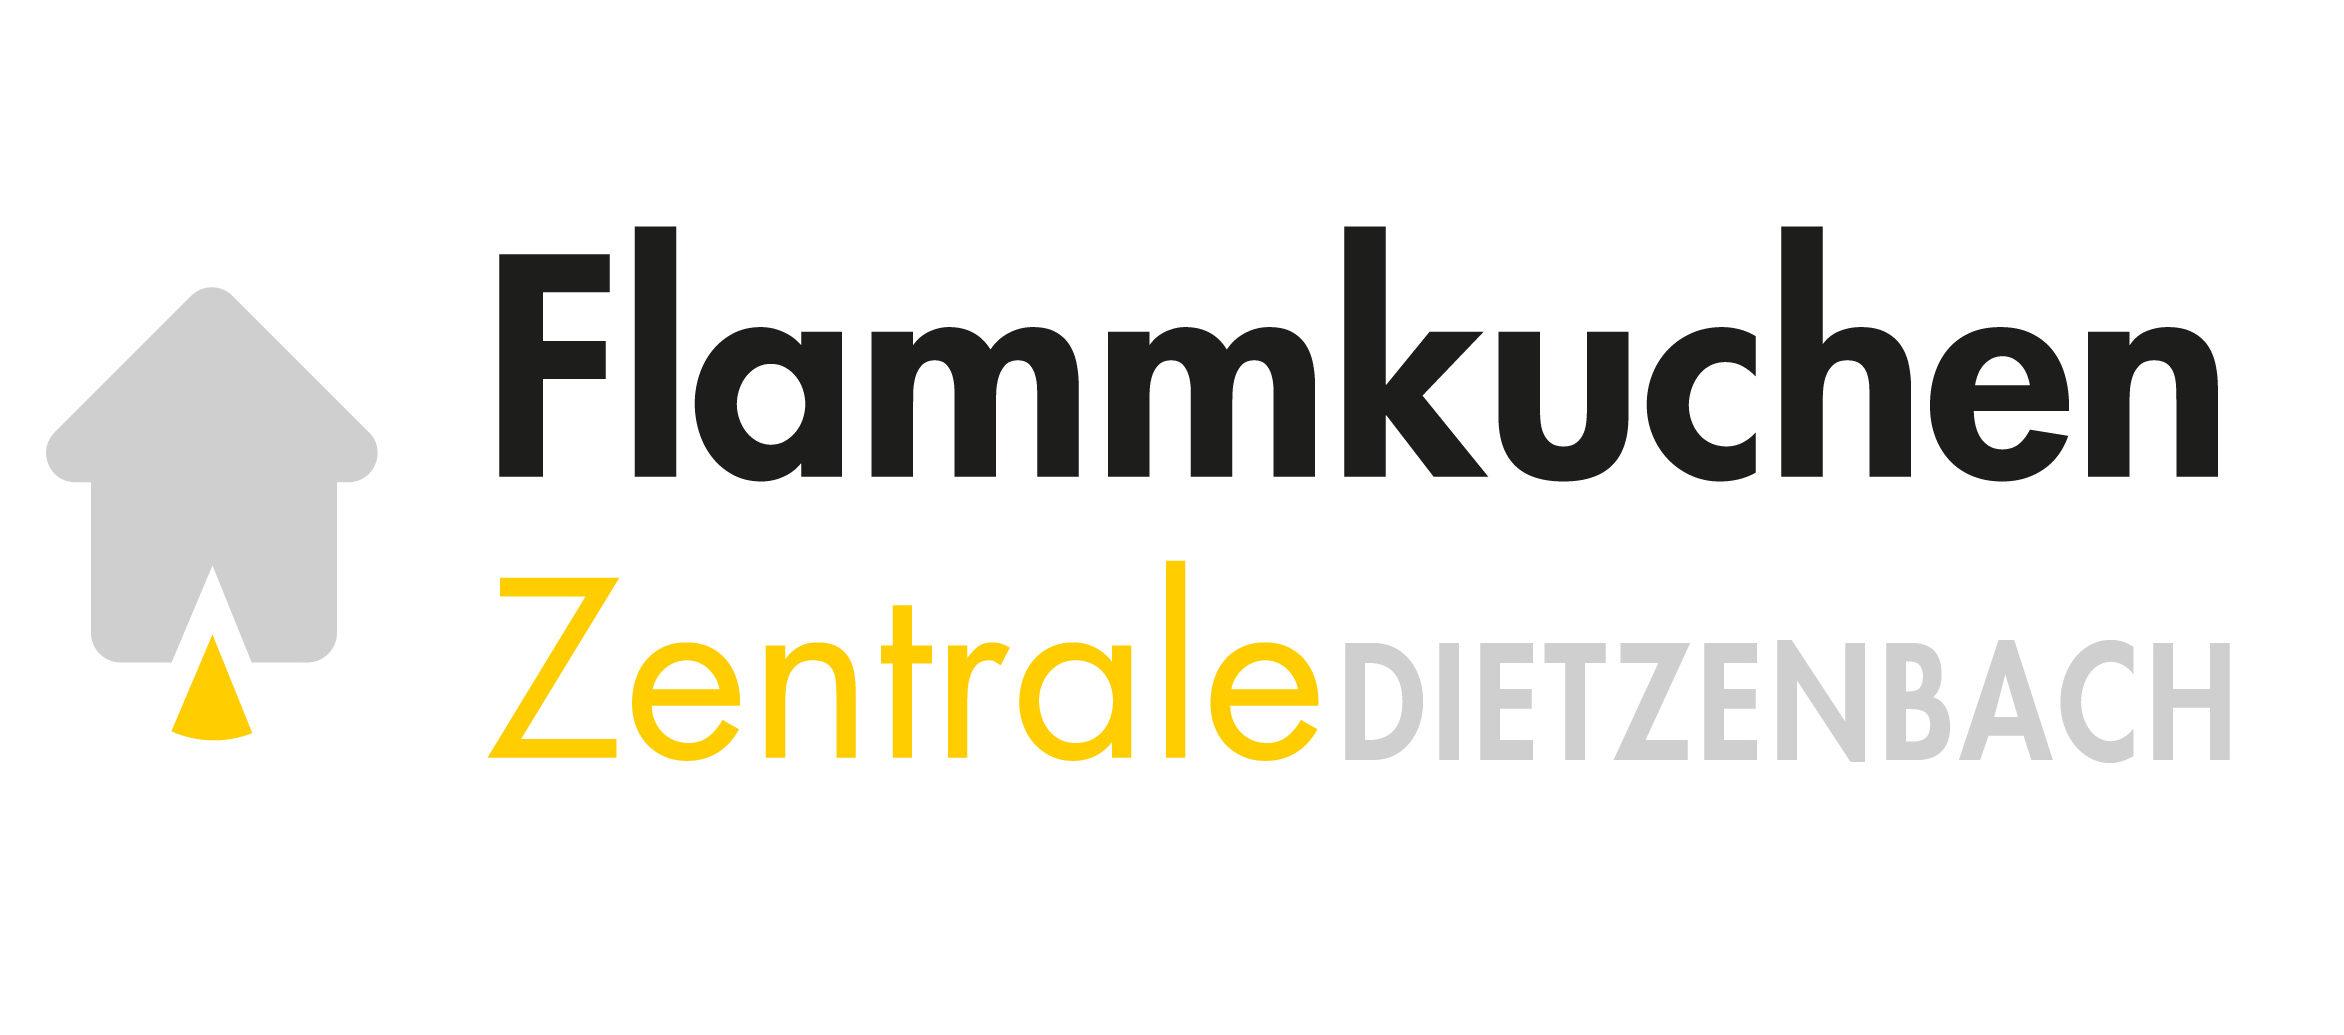 Flammkuchen Zentrale Dietzenbach